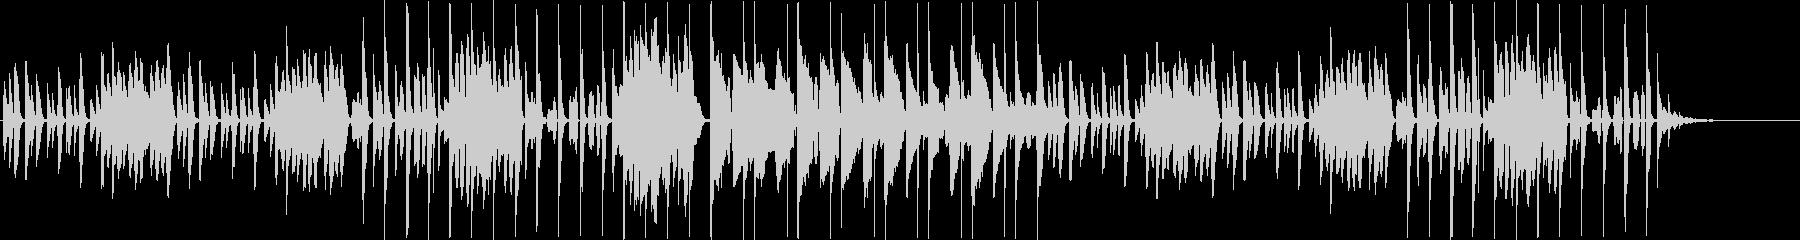 ノスタルジーなピアノ+リコーダー+リズムの未再生の波形